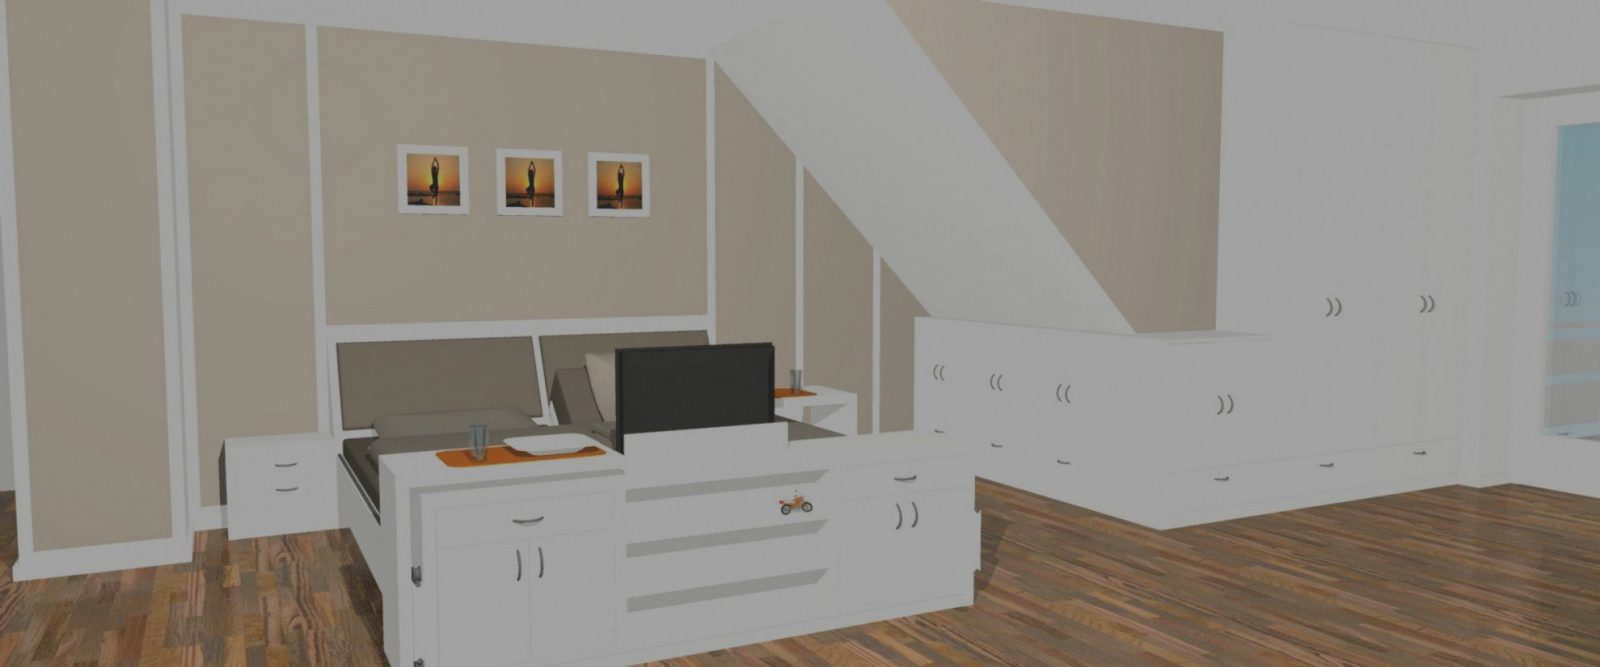 Auflistung Einrichten Schlafzimmer Ideen Kleines Optimal 8 von Schlafzimmer Ideen Schräge Wände Photo